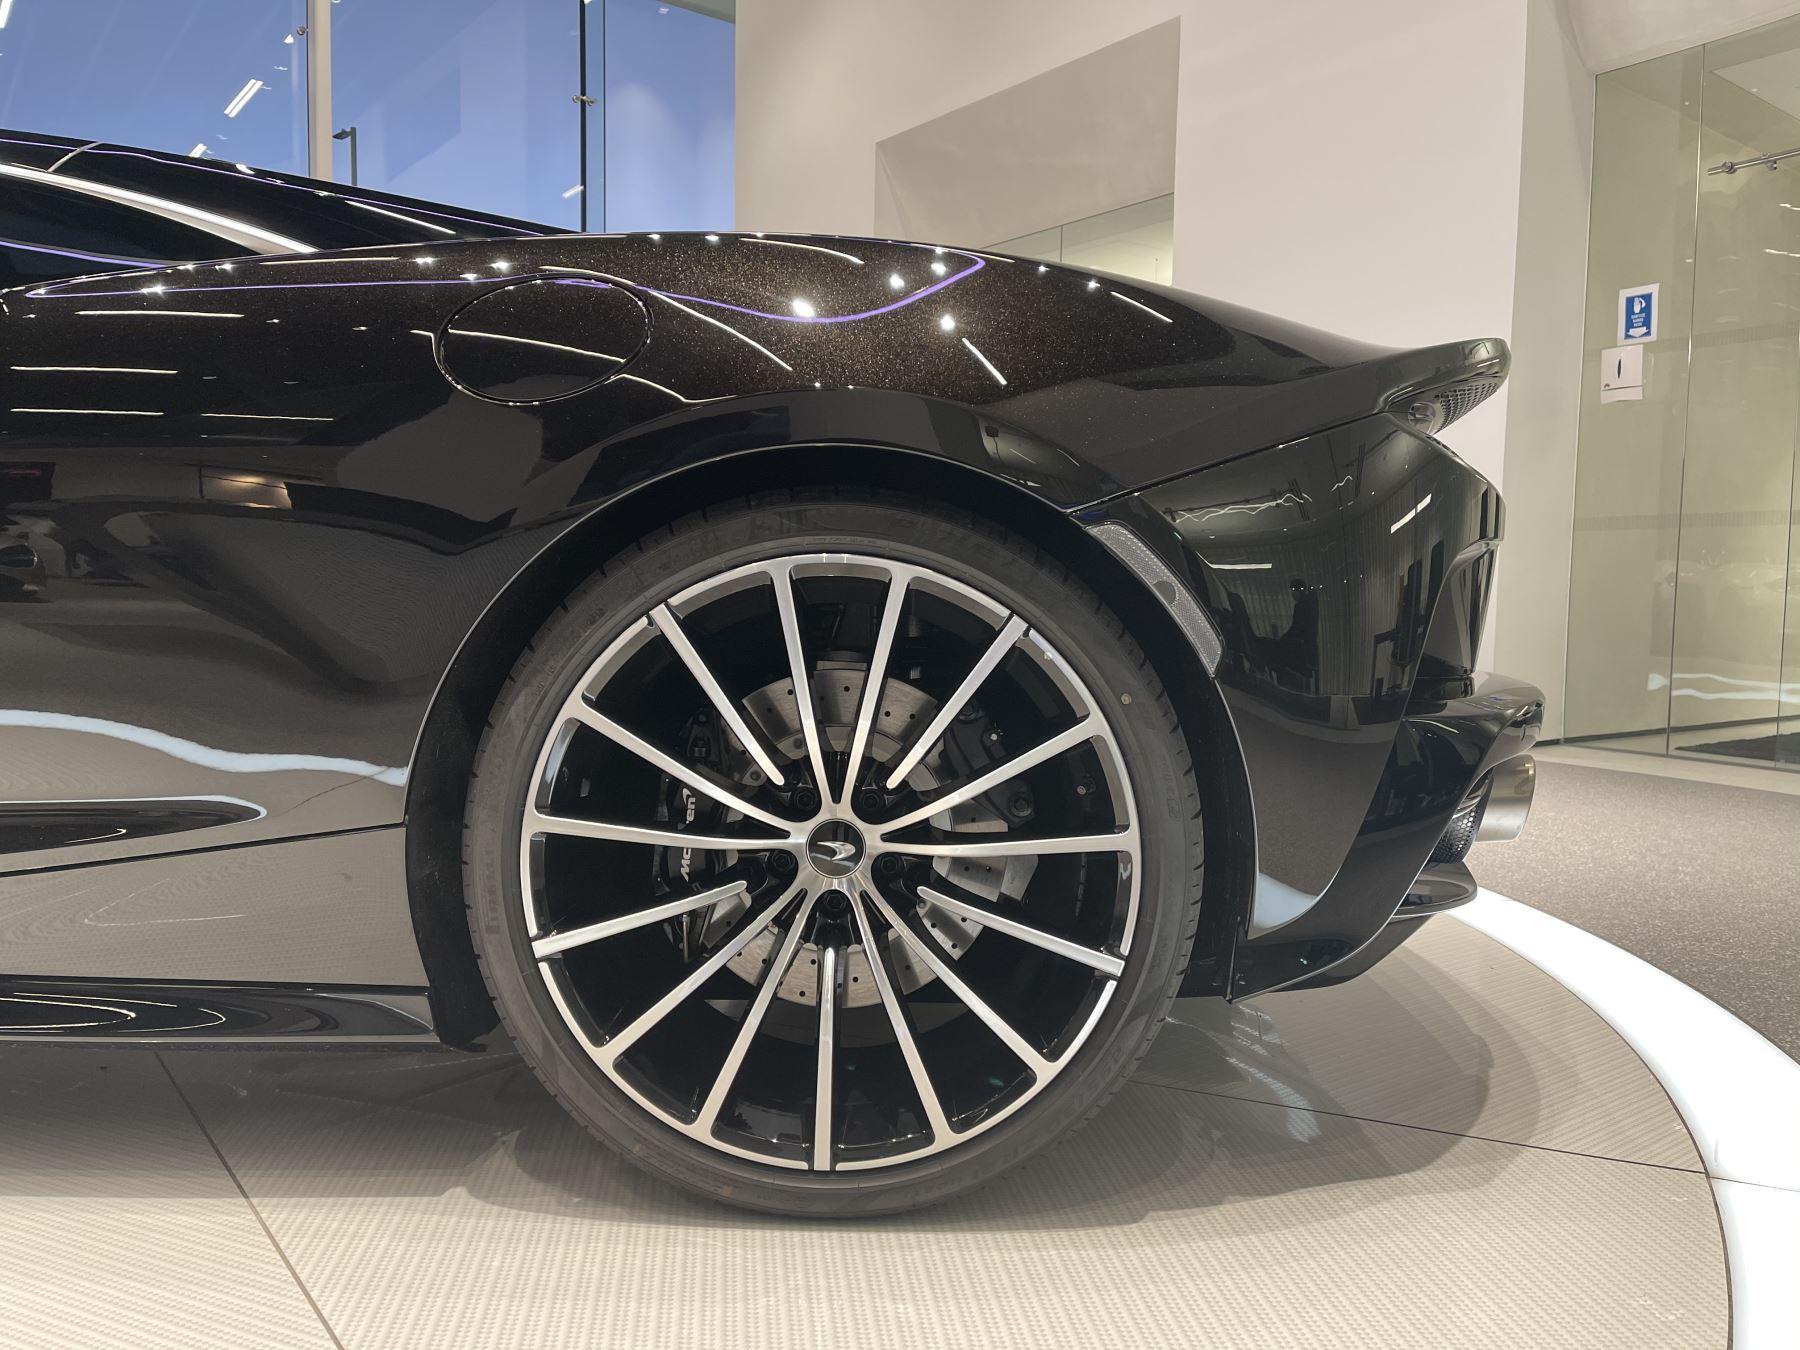 McLaren GT 4.0 V8 2dr image 8